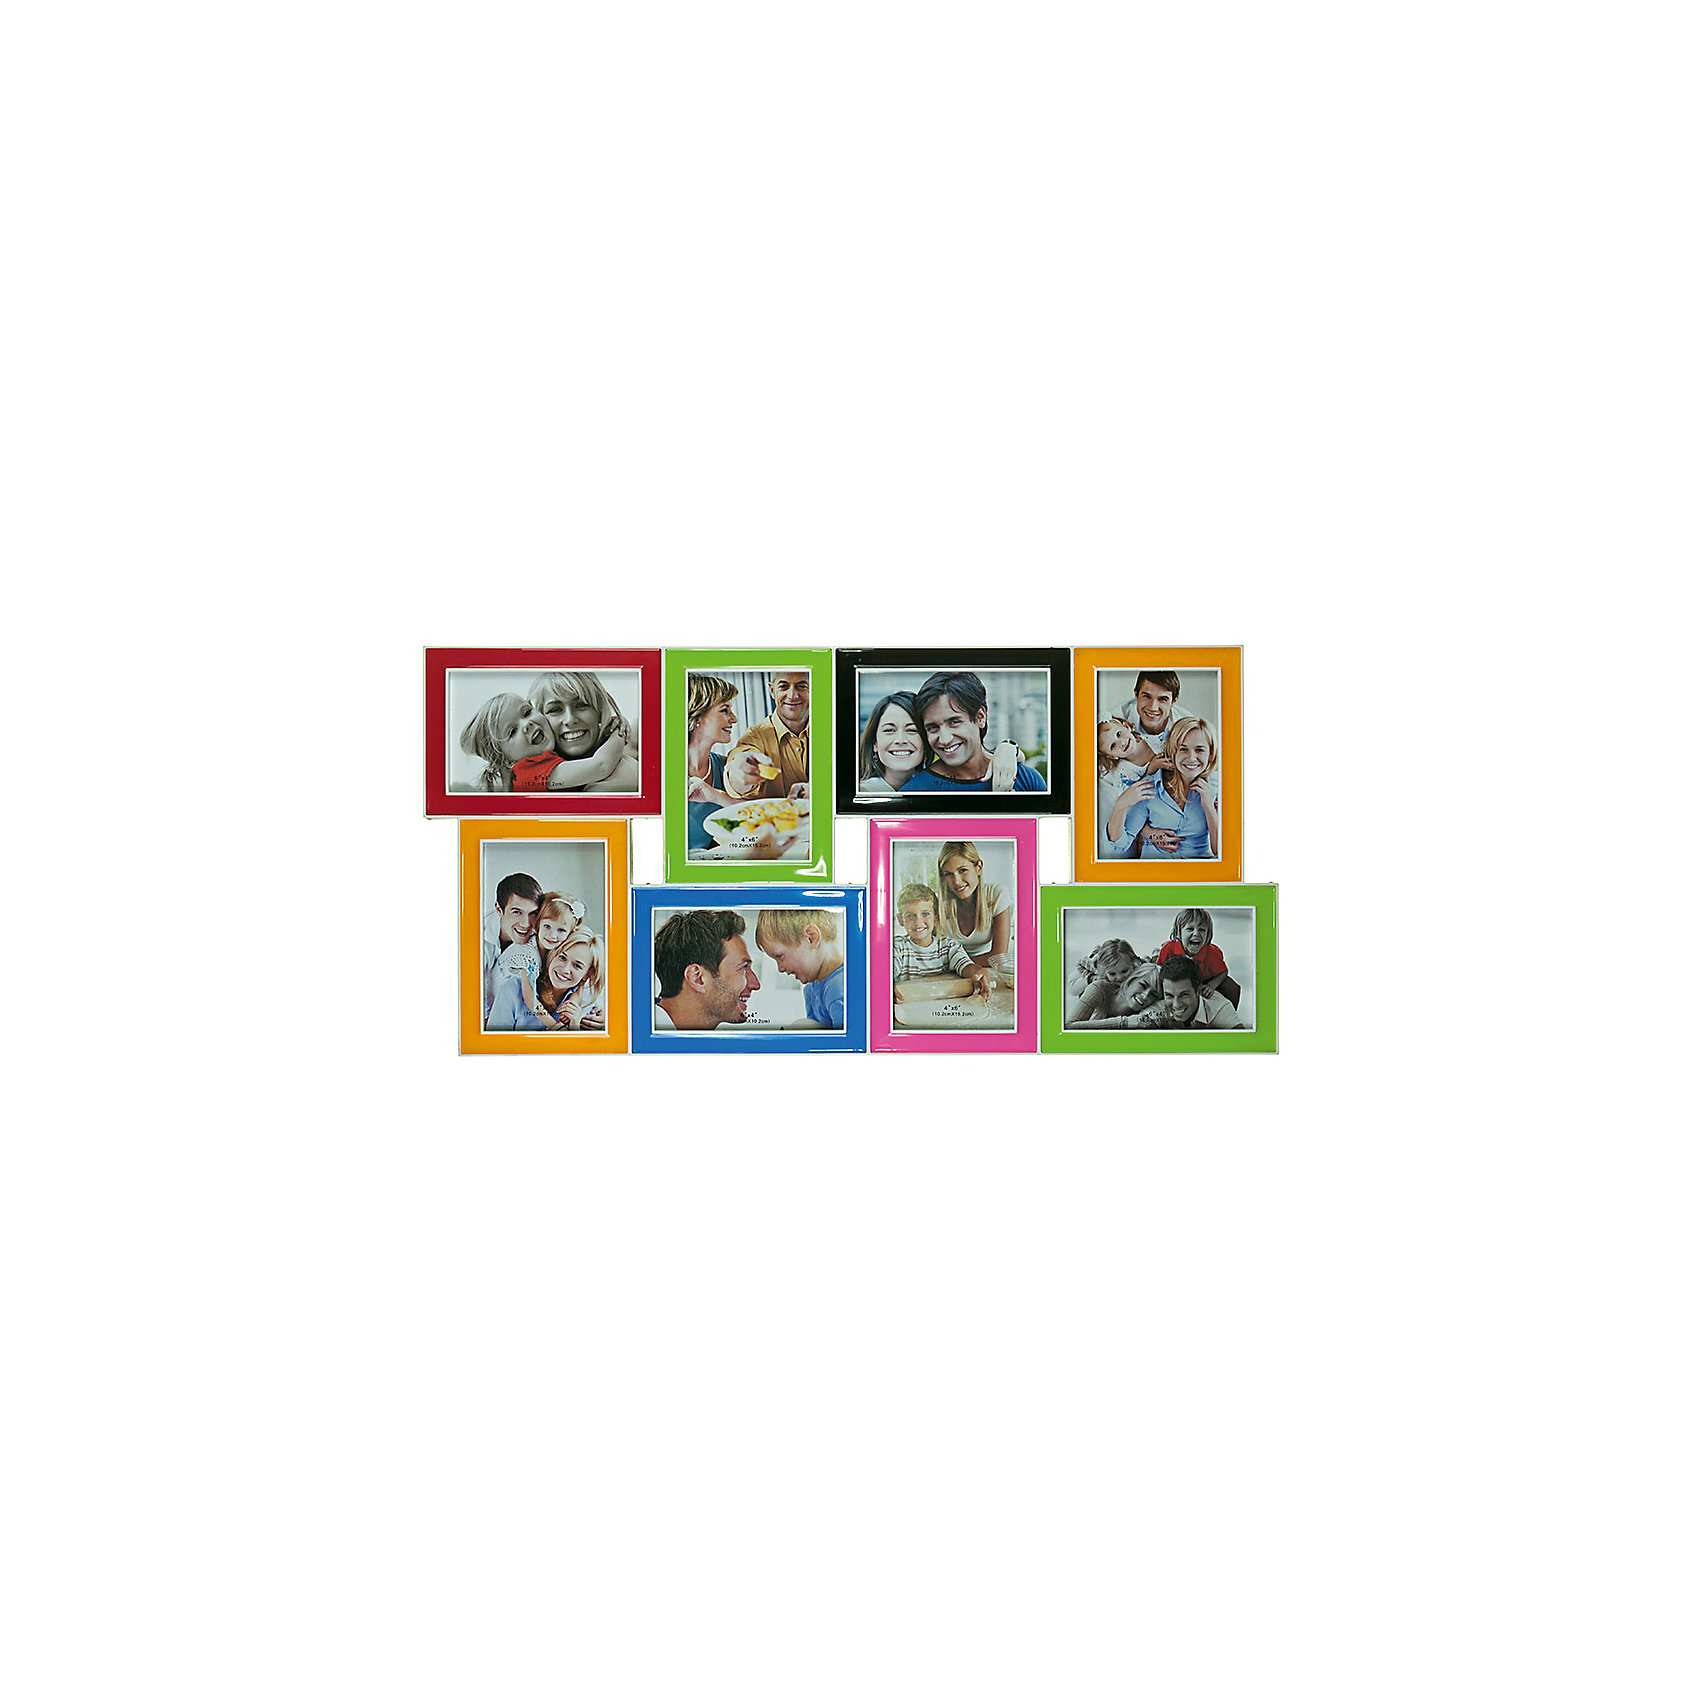 Фоторамка Platinum, пластик, разноцветная, Яркий праздникФоторамка Platinum, пластик, разноцветная, Яркий праздник<br><br>Характеристики:<br><br>• Состав: пластик<br>• Размер: 63 * 3 * 30 см.<br>• Размер фотографий: 10 * 15 см.<br>• Страна производитель: Китай<br><br>Изящная подвесная фоторамка включает в себя целых восемь рамок от компании, специализирующейся на производстве фоторамок для интерьеров Platinum (Платинум), и оживит сразу несколько воспоминаний! Фоторамки станут стильным украшением комнаты, а веселые глянцевые цвета отлично подойдет как для спальни, так и для кухни или гостиной. <br><br>Фоторамки отделаны рельефным дизайном, расположены структурированно и отлично подойдут для серии горизонтальных и вертикальных тематических снимков. Размер всех рамок 10 * 15 см, это стандартный размер фото, поэтому для этой фоторамки вам не потребуется перепечатывать уже имеющиеся фото. Фоторамка станет превосходным подарком для любого важного события от годовщины до новоселья. Привнесите в дом атмосферу комфорта и яркого праздника вместе с новой фоторамкой!<br><br>Фоторамку Platinum, пластик, разноцветную, Яркий праздник можно купить в нашем интернет-магазине.<br><br>Ширина мм: 630<br>Глубина мм: 48<br>Высота мм: 300<br>Вес г: 440<br>Возраст от месяцев: 36<br>Возраст до месяцев: 2147483647<br>Пол: Унисекс<br>Возраст: Детский<br>SKU: 5454005